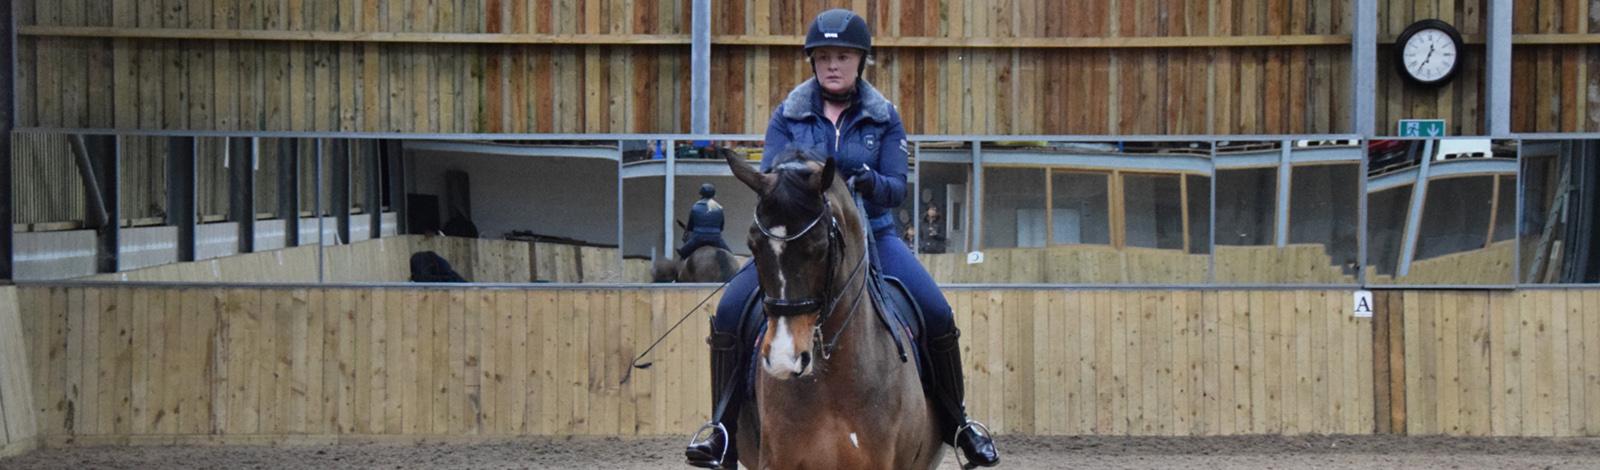 shawfarm_equestrian_new_slider_4